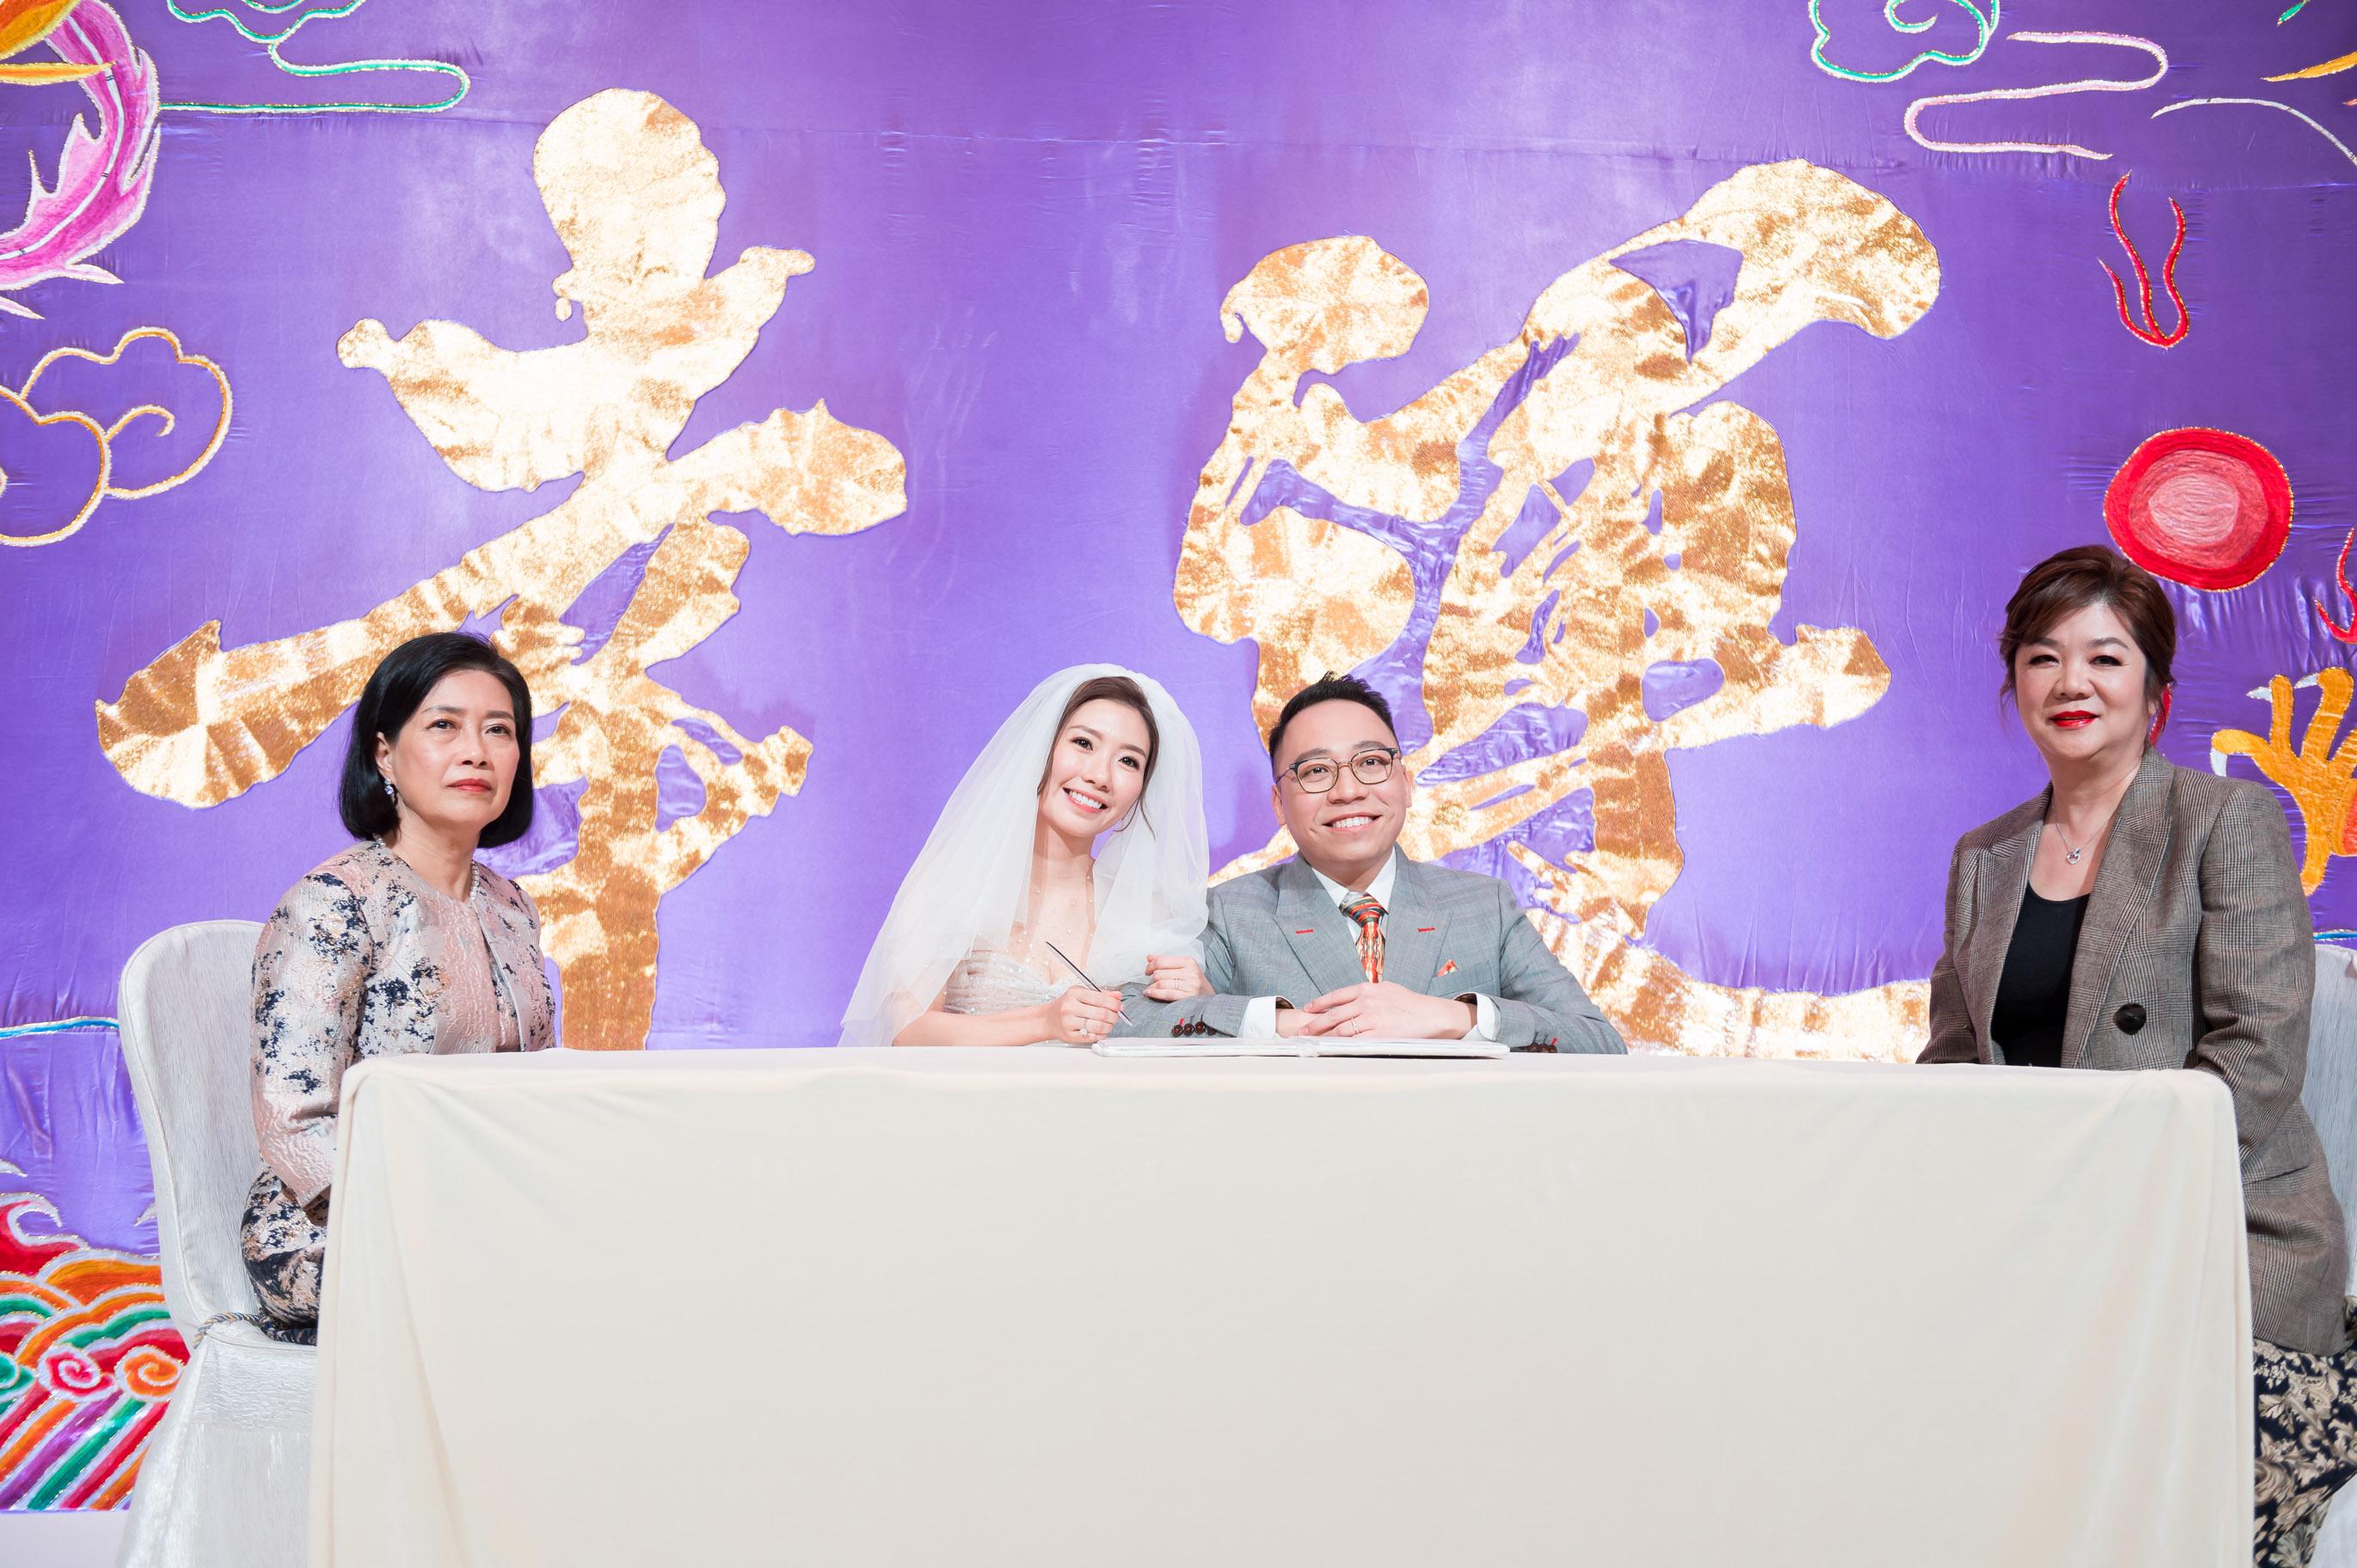 C君與黃天頤正式簽紙,成為夫婦。